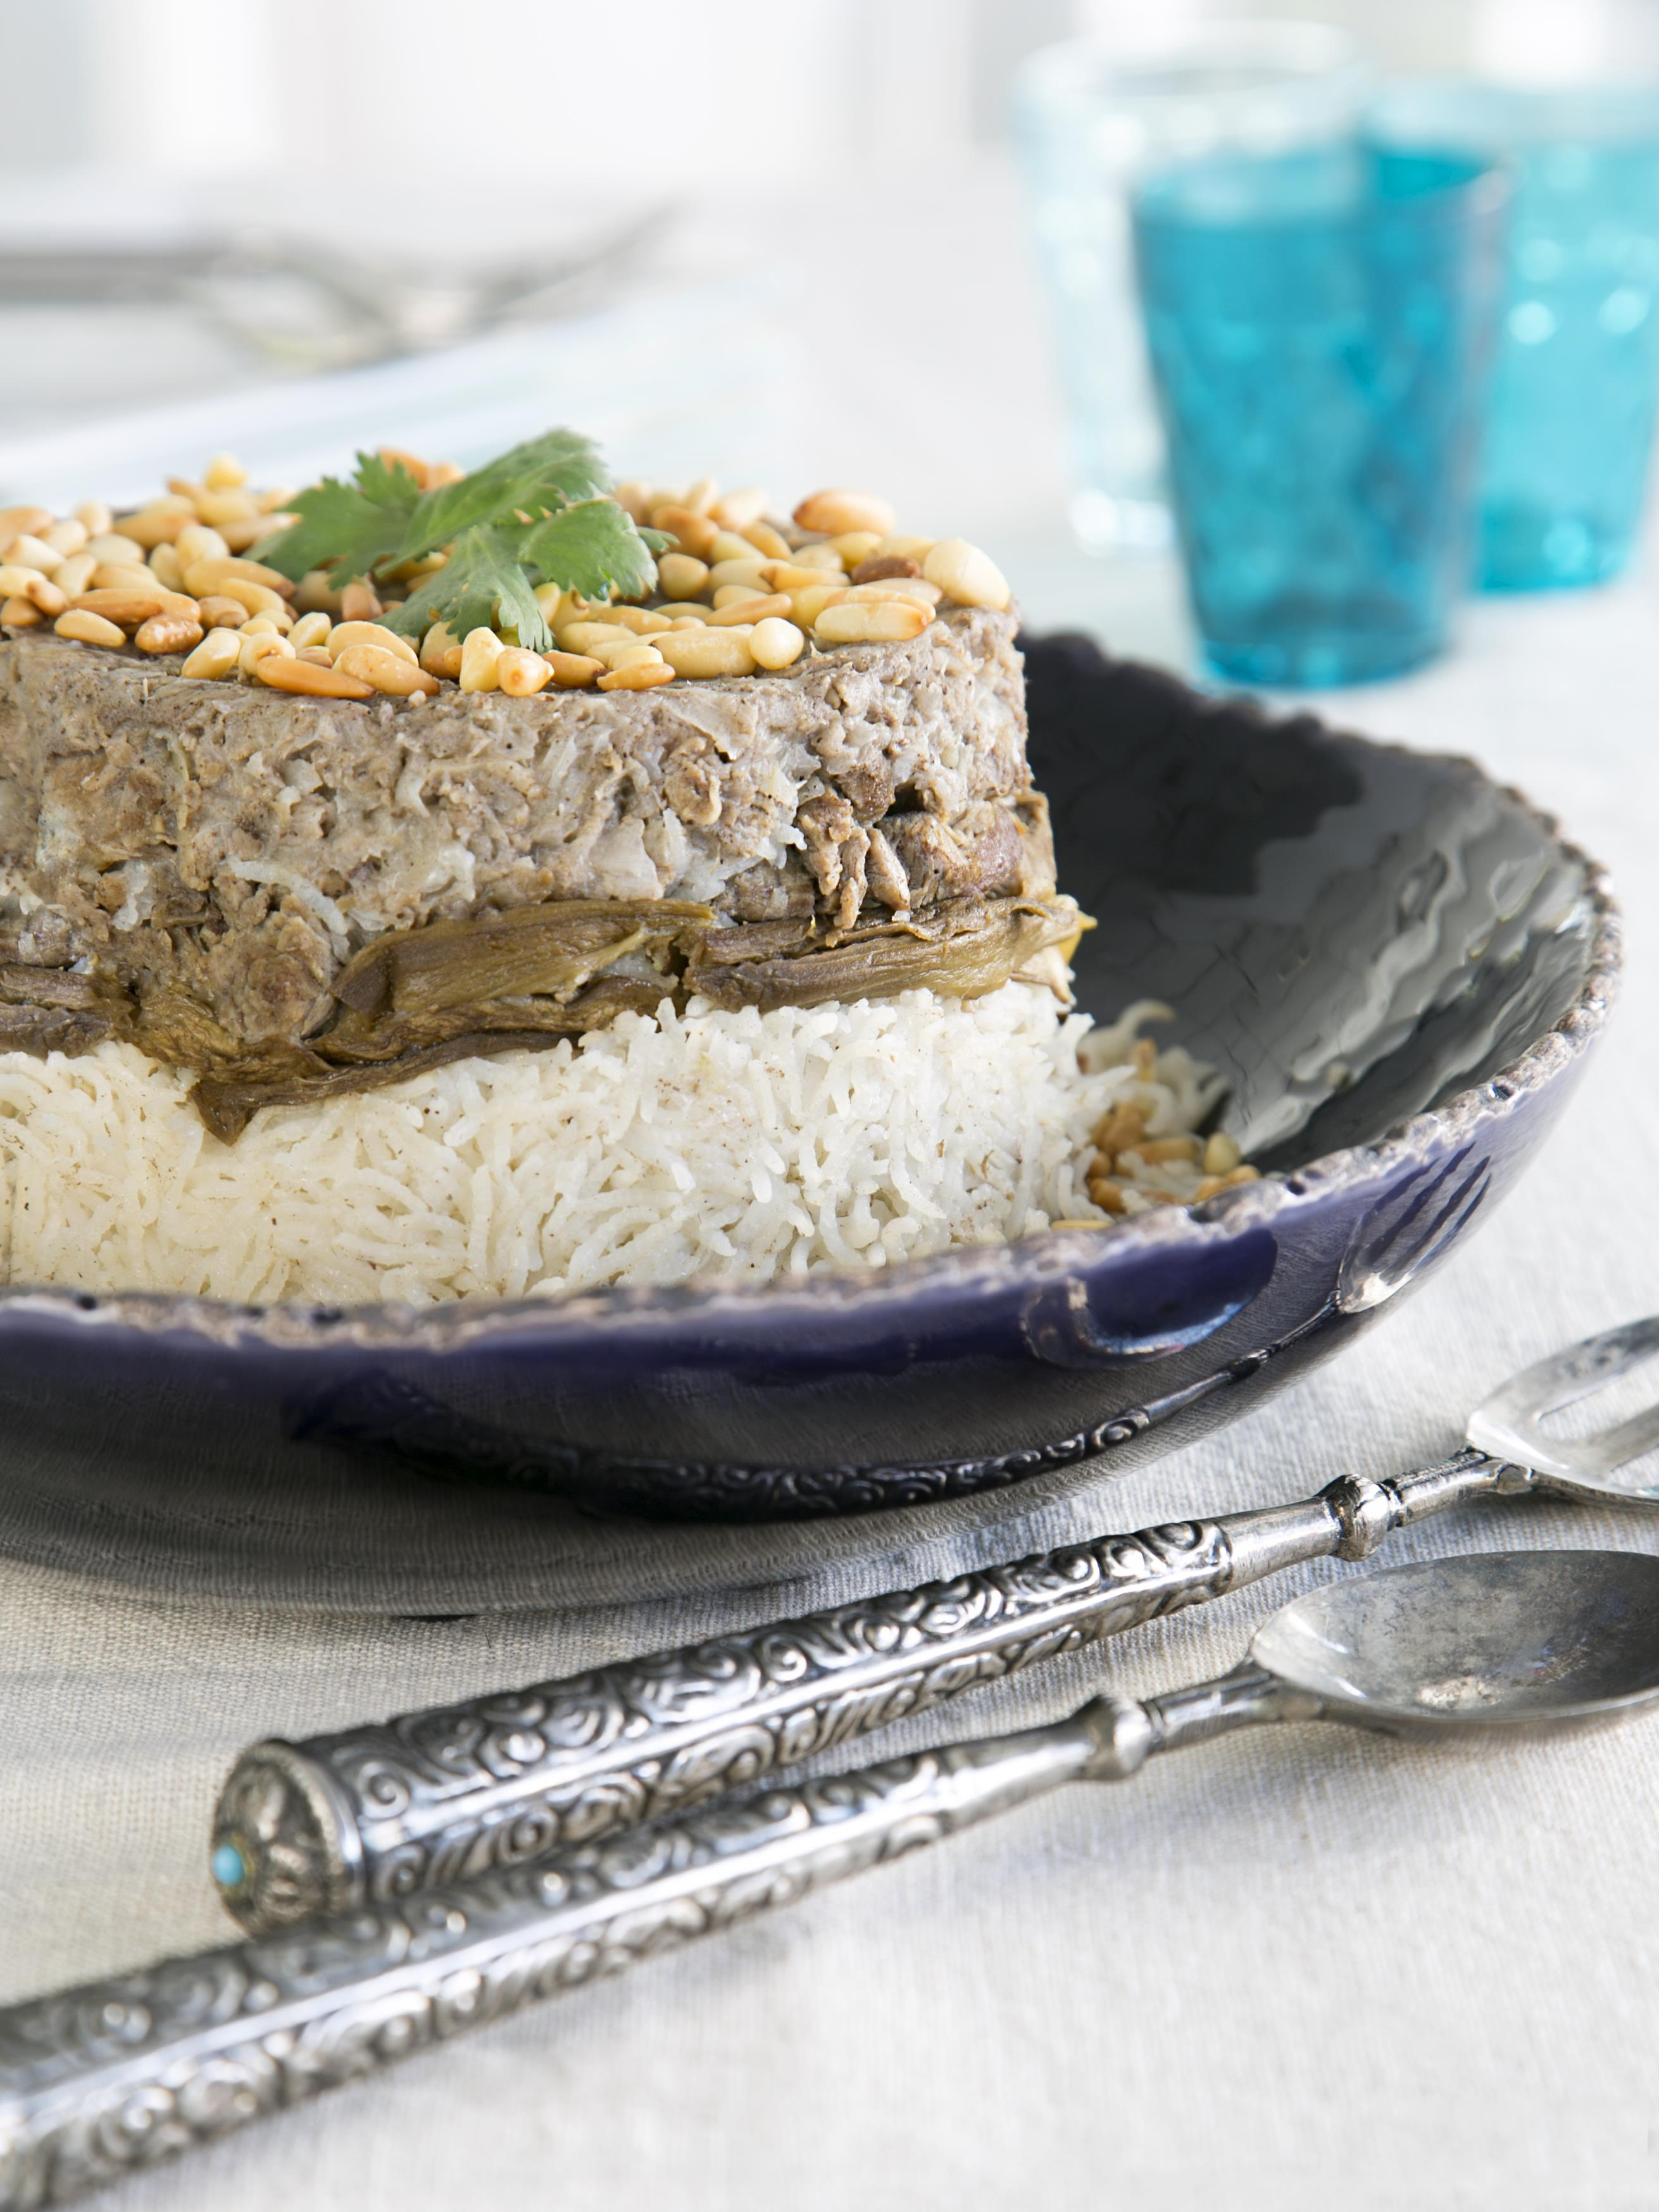 Bayram sofralarınızı donatacak et yemekleri hazırlamak Thermomix le çok kolay!